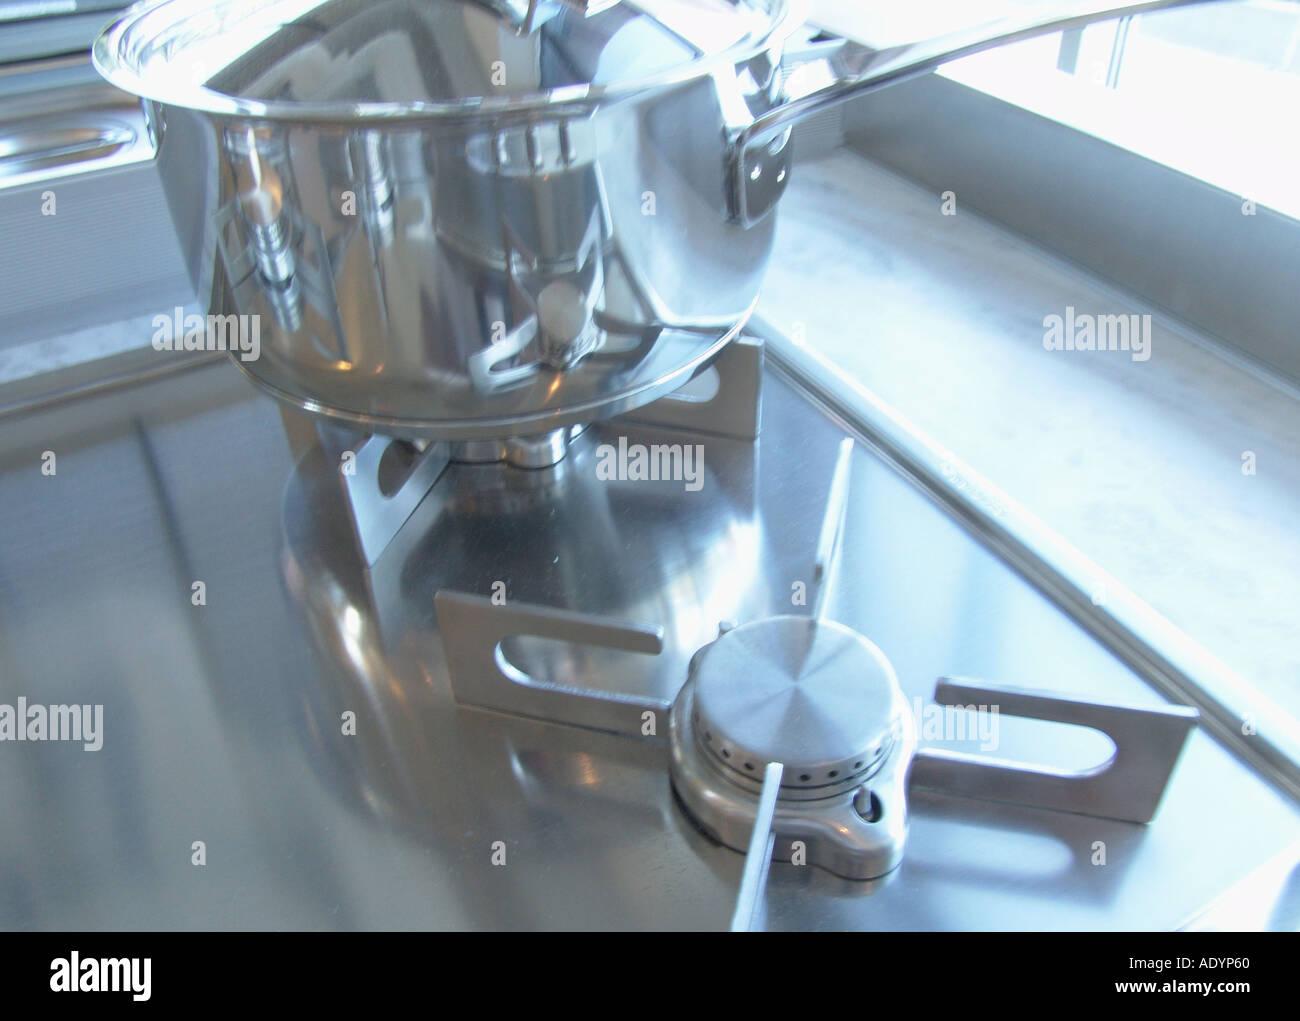 Utensilios de cocina de acero inoxidable en el moderno quemador de ...